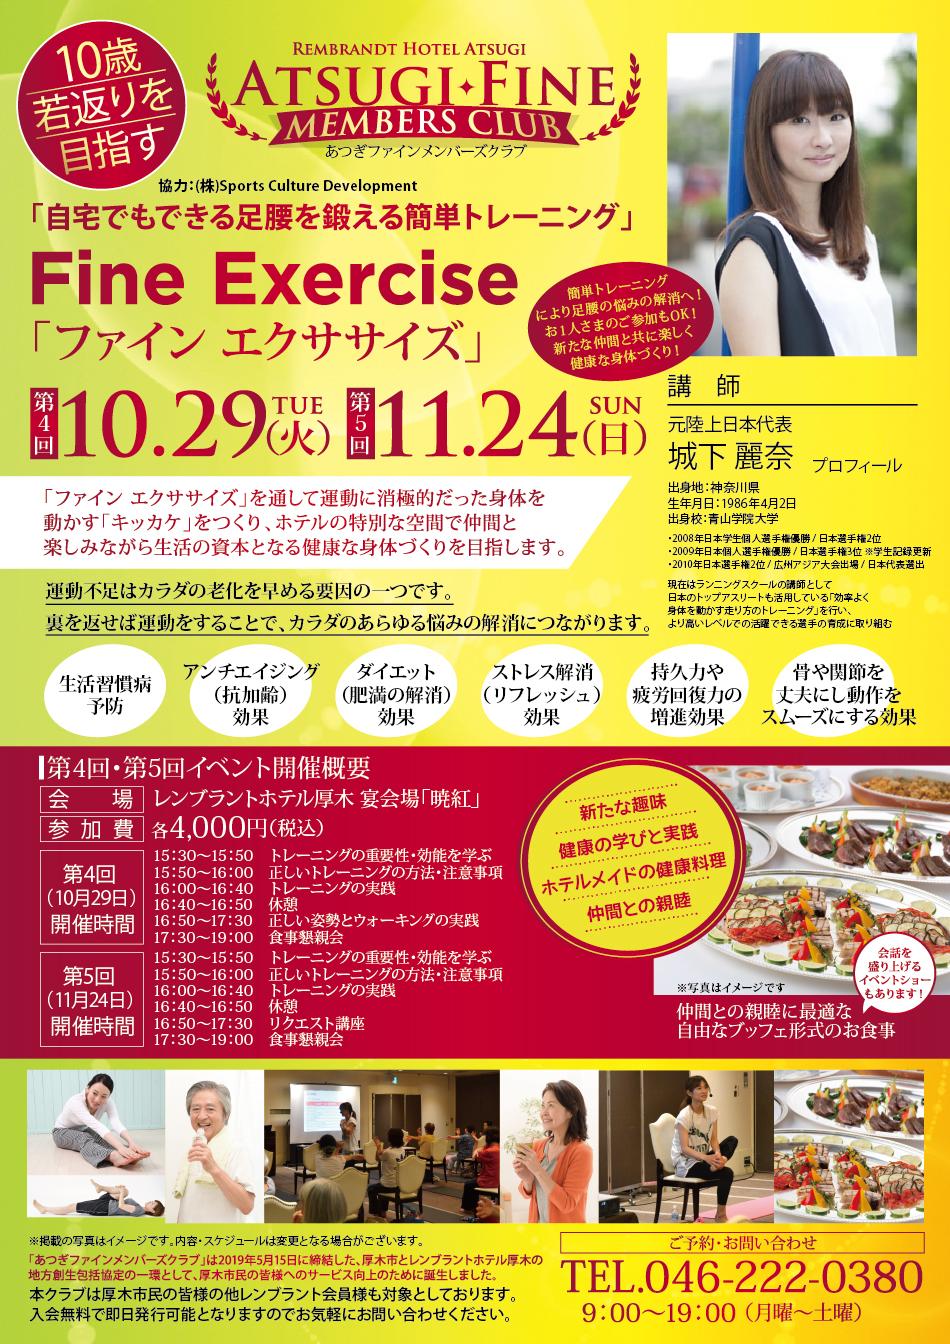 《あつぎファインメンバーズクラブ》ファイン エクササイズ ― Fine Exercise ― 【次回11/24開催】